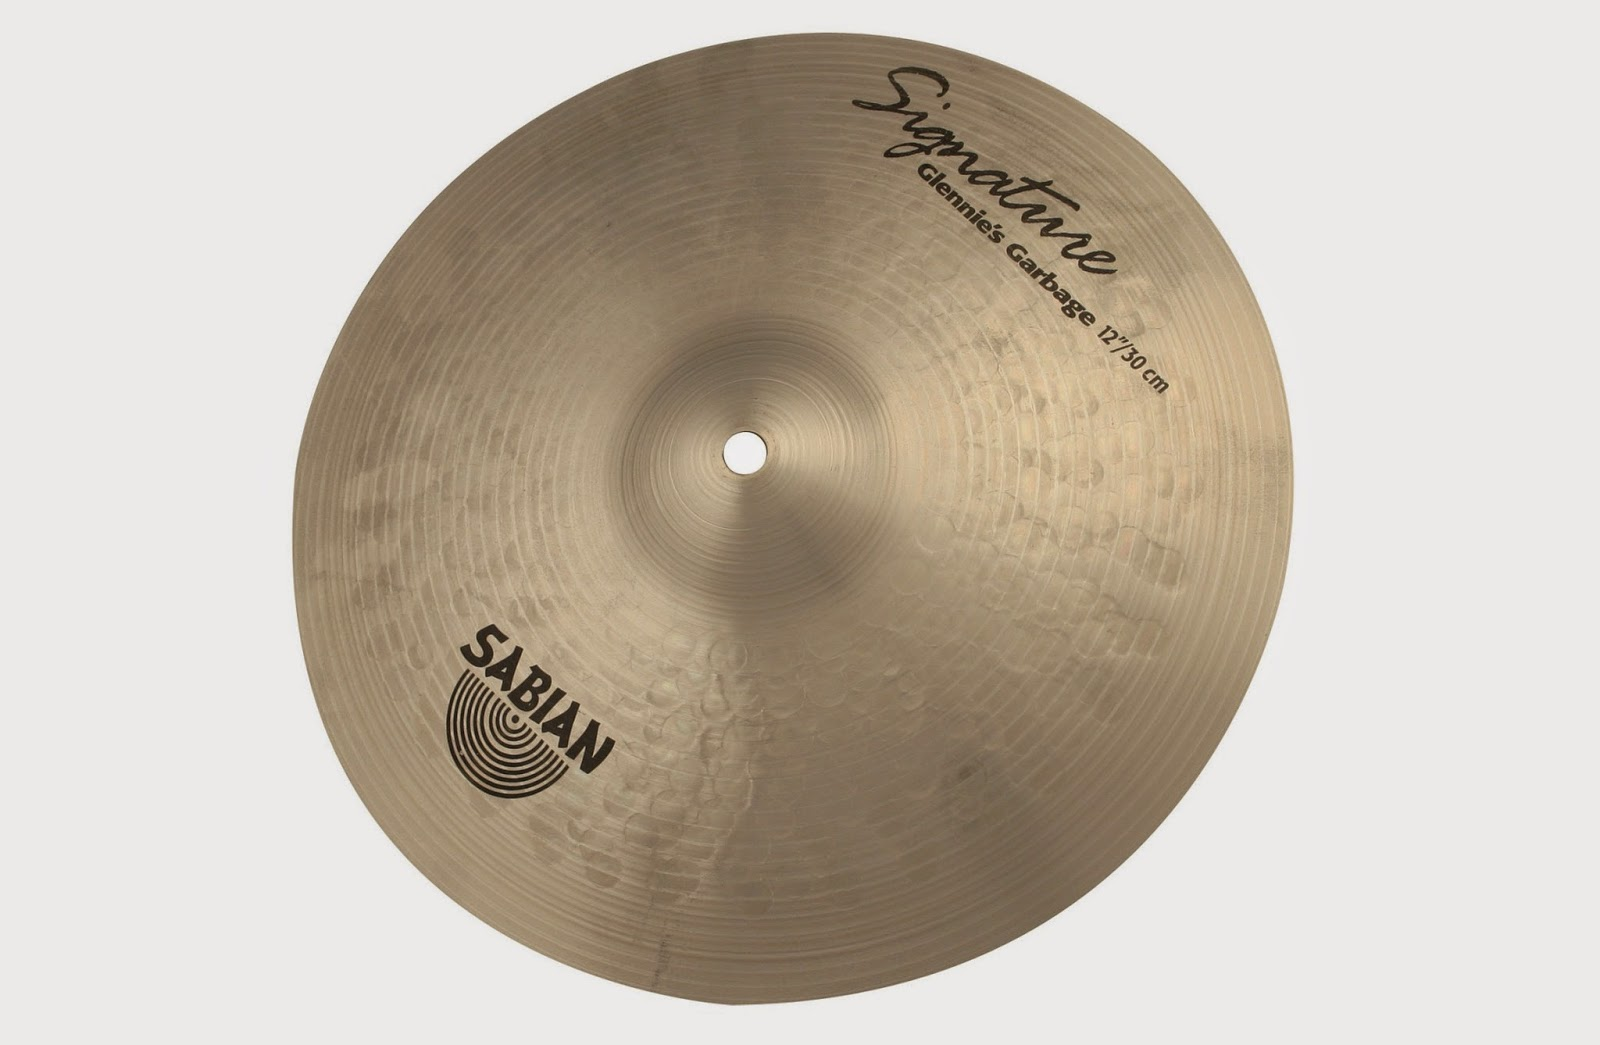 Nickel Silver Cymbals